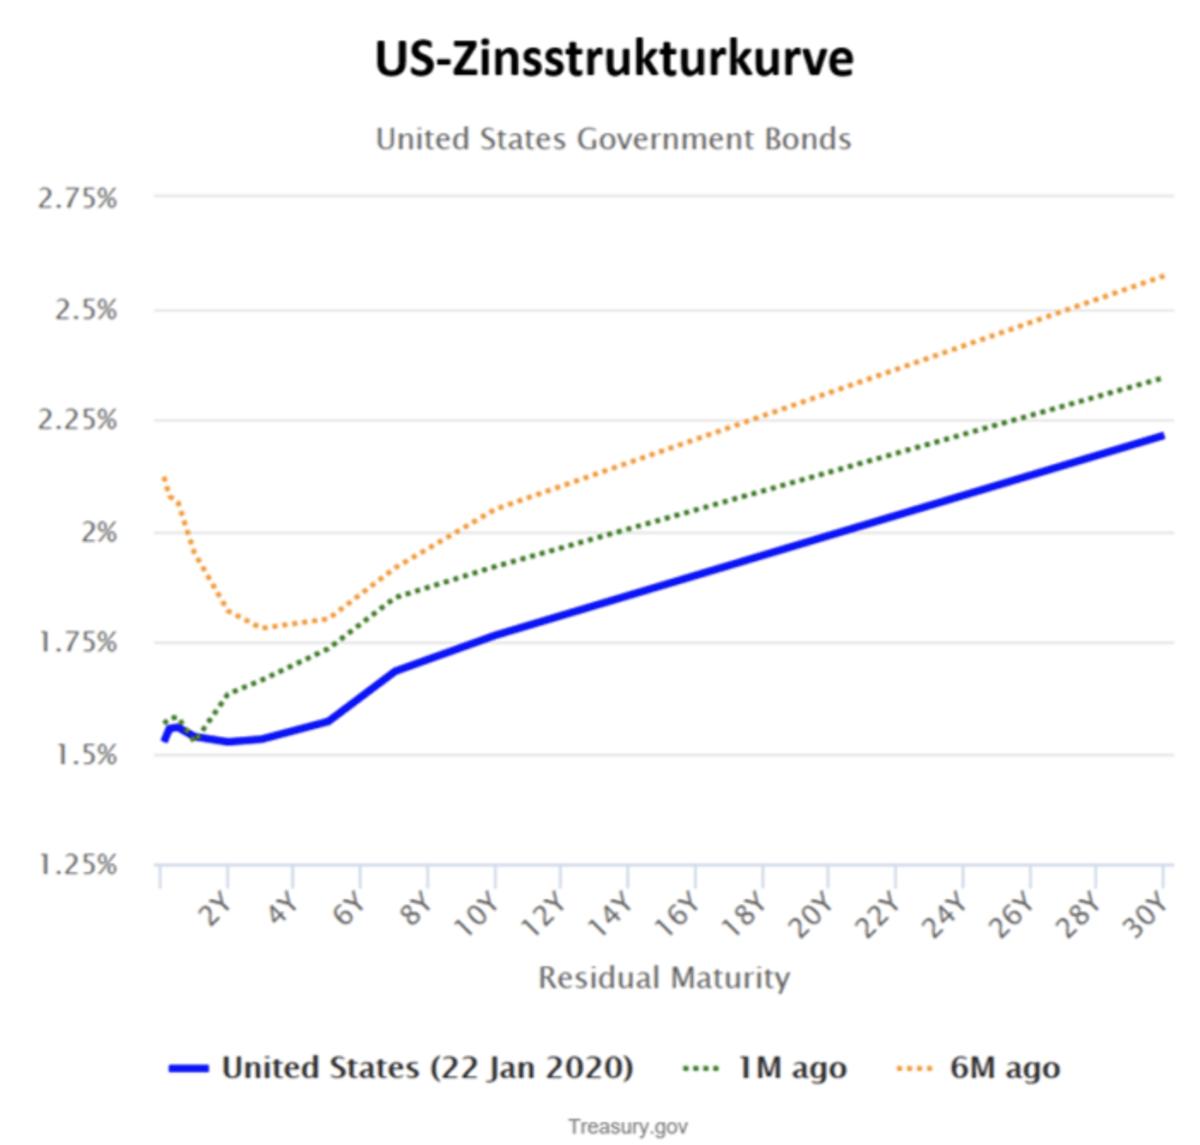 Zinsen Strukturkurve für die USA